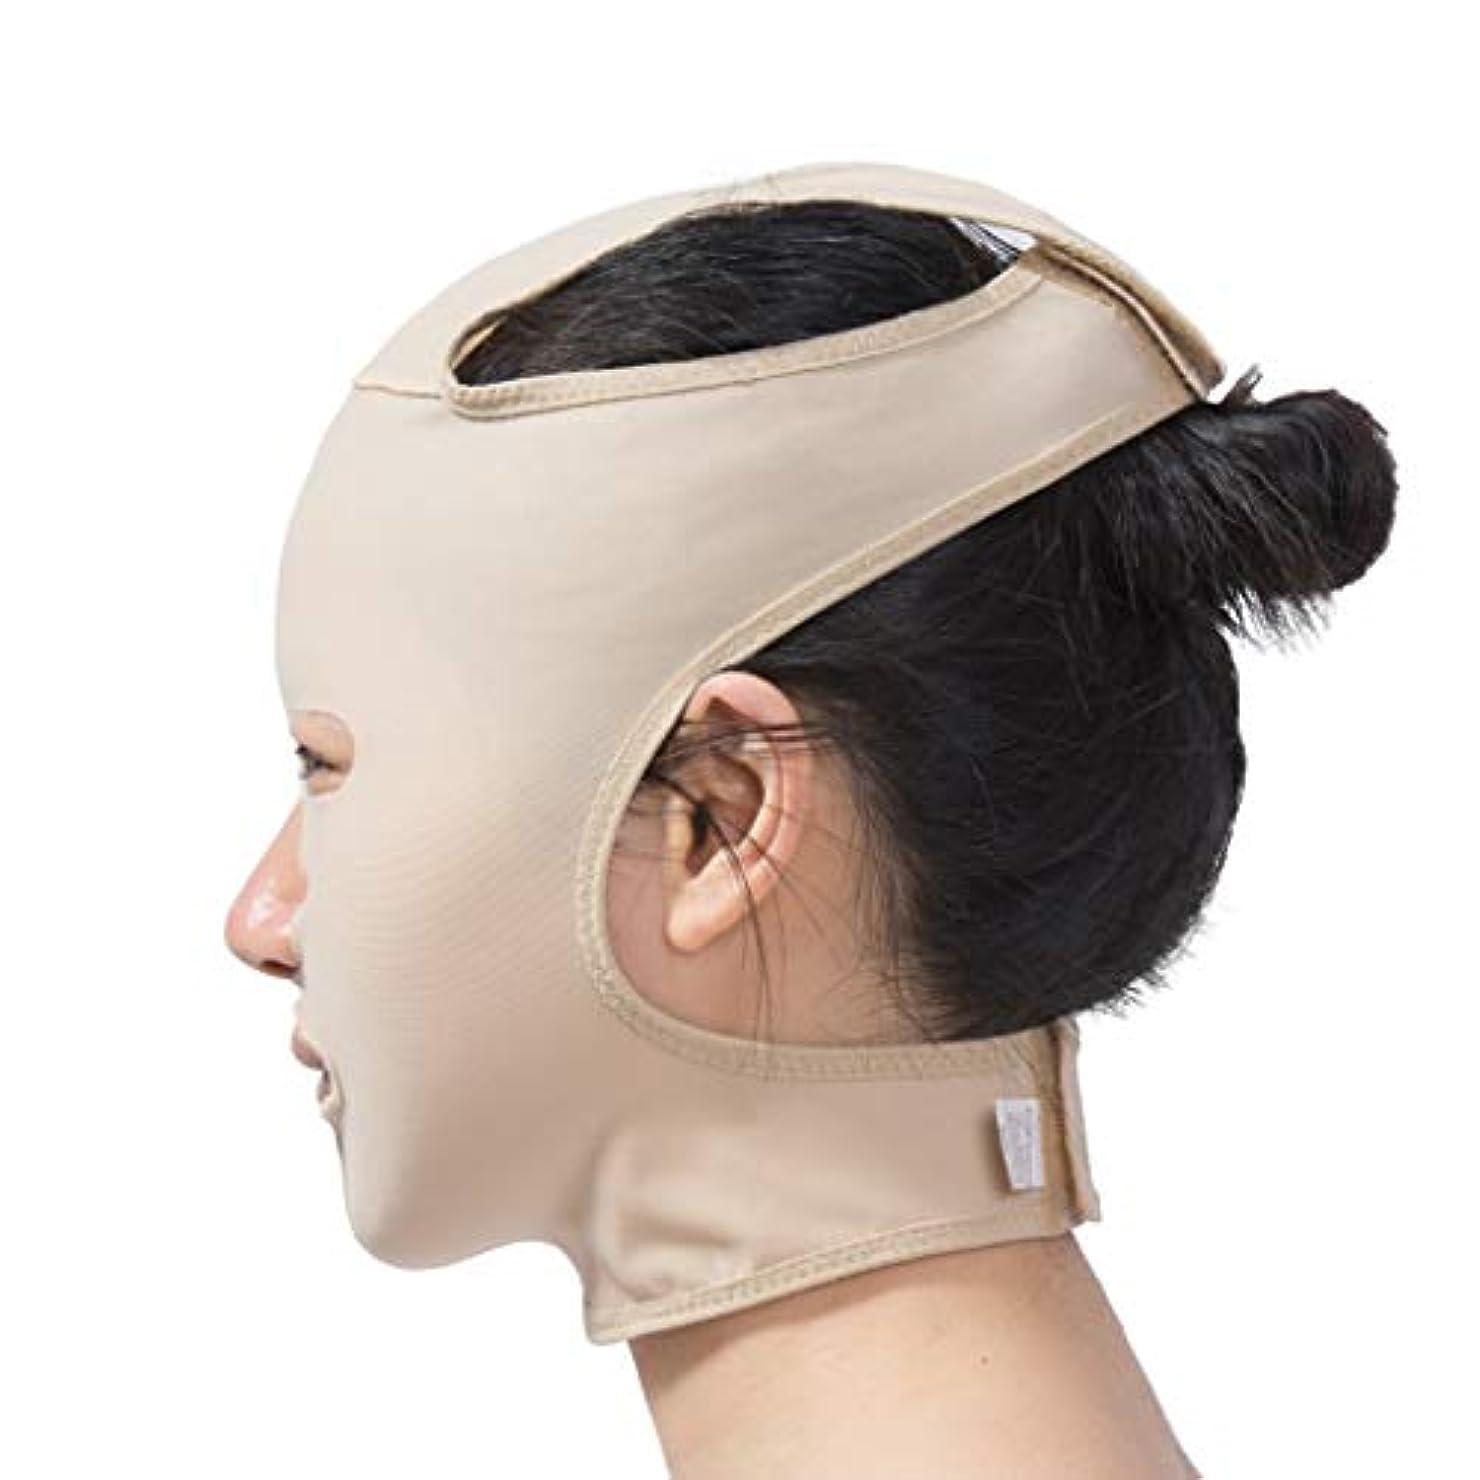 大脳人物極端なフェイスリフトマスク、フルフェイスマスク医療グレード圧力フェイスダブルチンプラスチック脂肪吸引術弾性包帯ヘッドギア後の顔の脂肪吸引術 (Size : M)